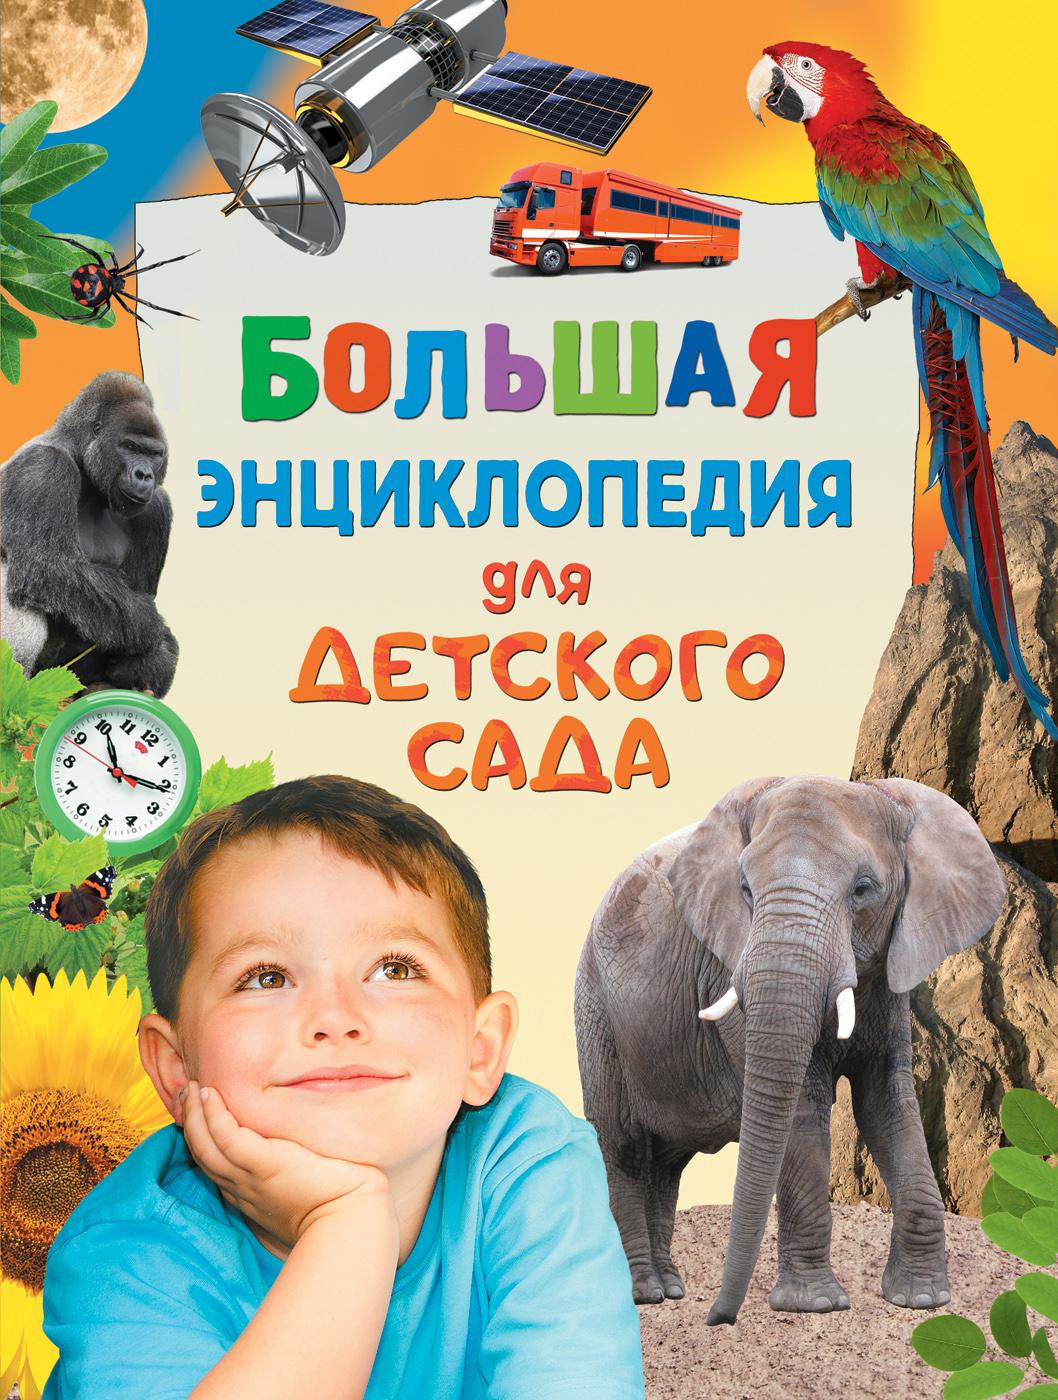 Большая энциклопедия для детского садаДля малышей в картинках<br>Большая энциклопедия для детского сада<br>